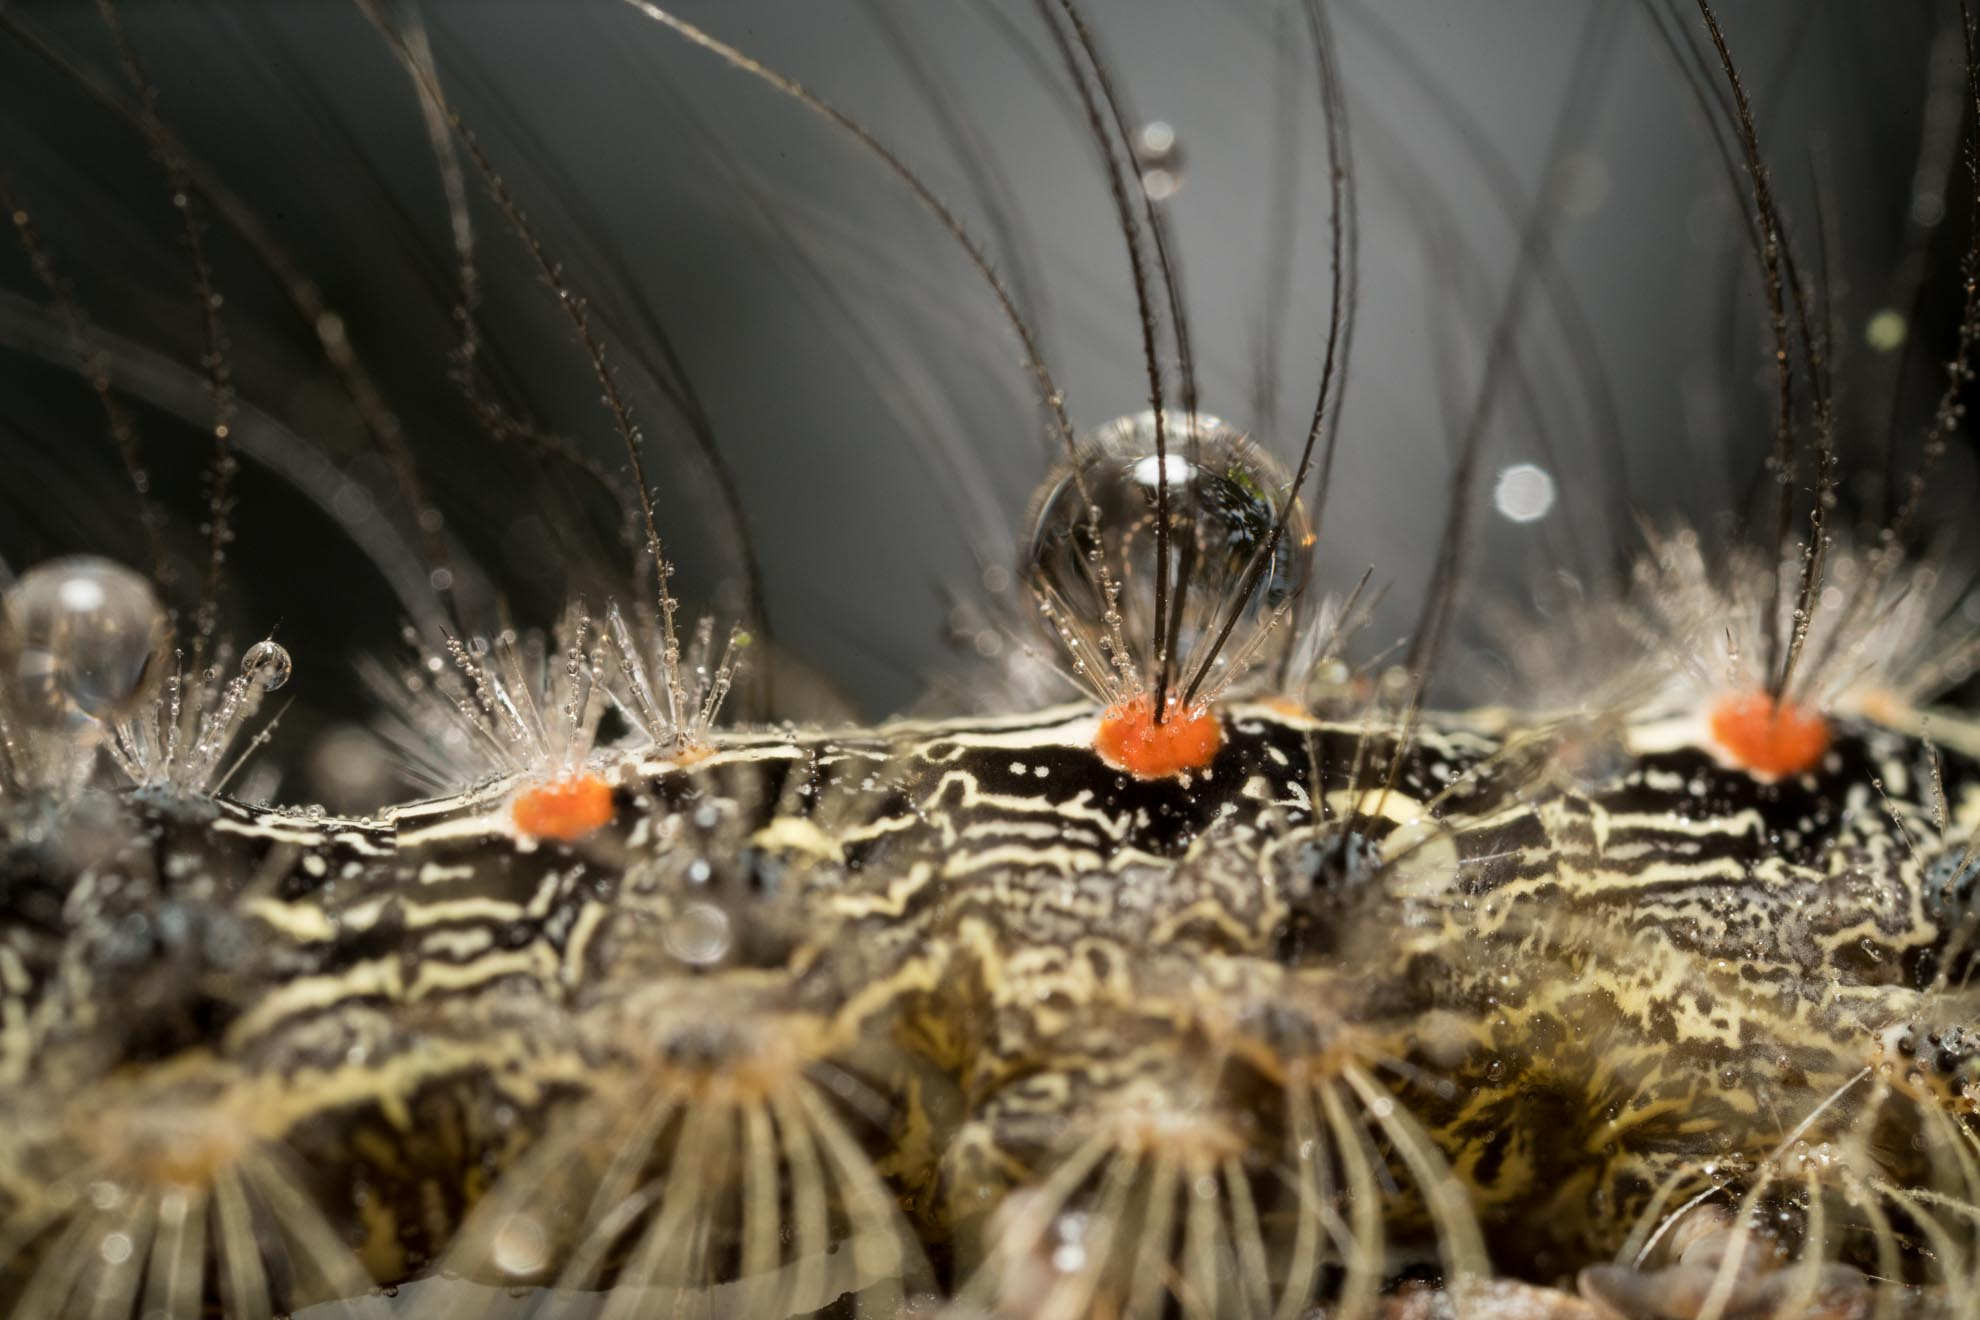 光が丘公園の危険な虫・昆虫・いもむしのヨツボシホソバの幼虫